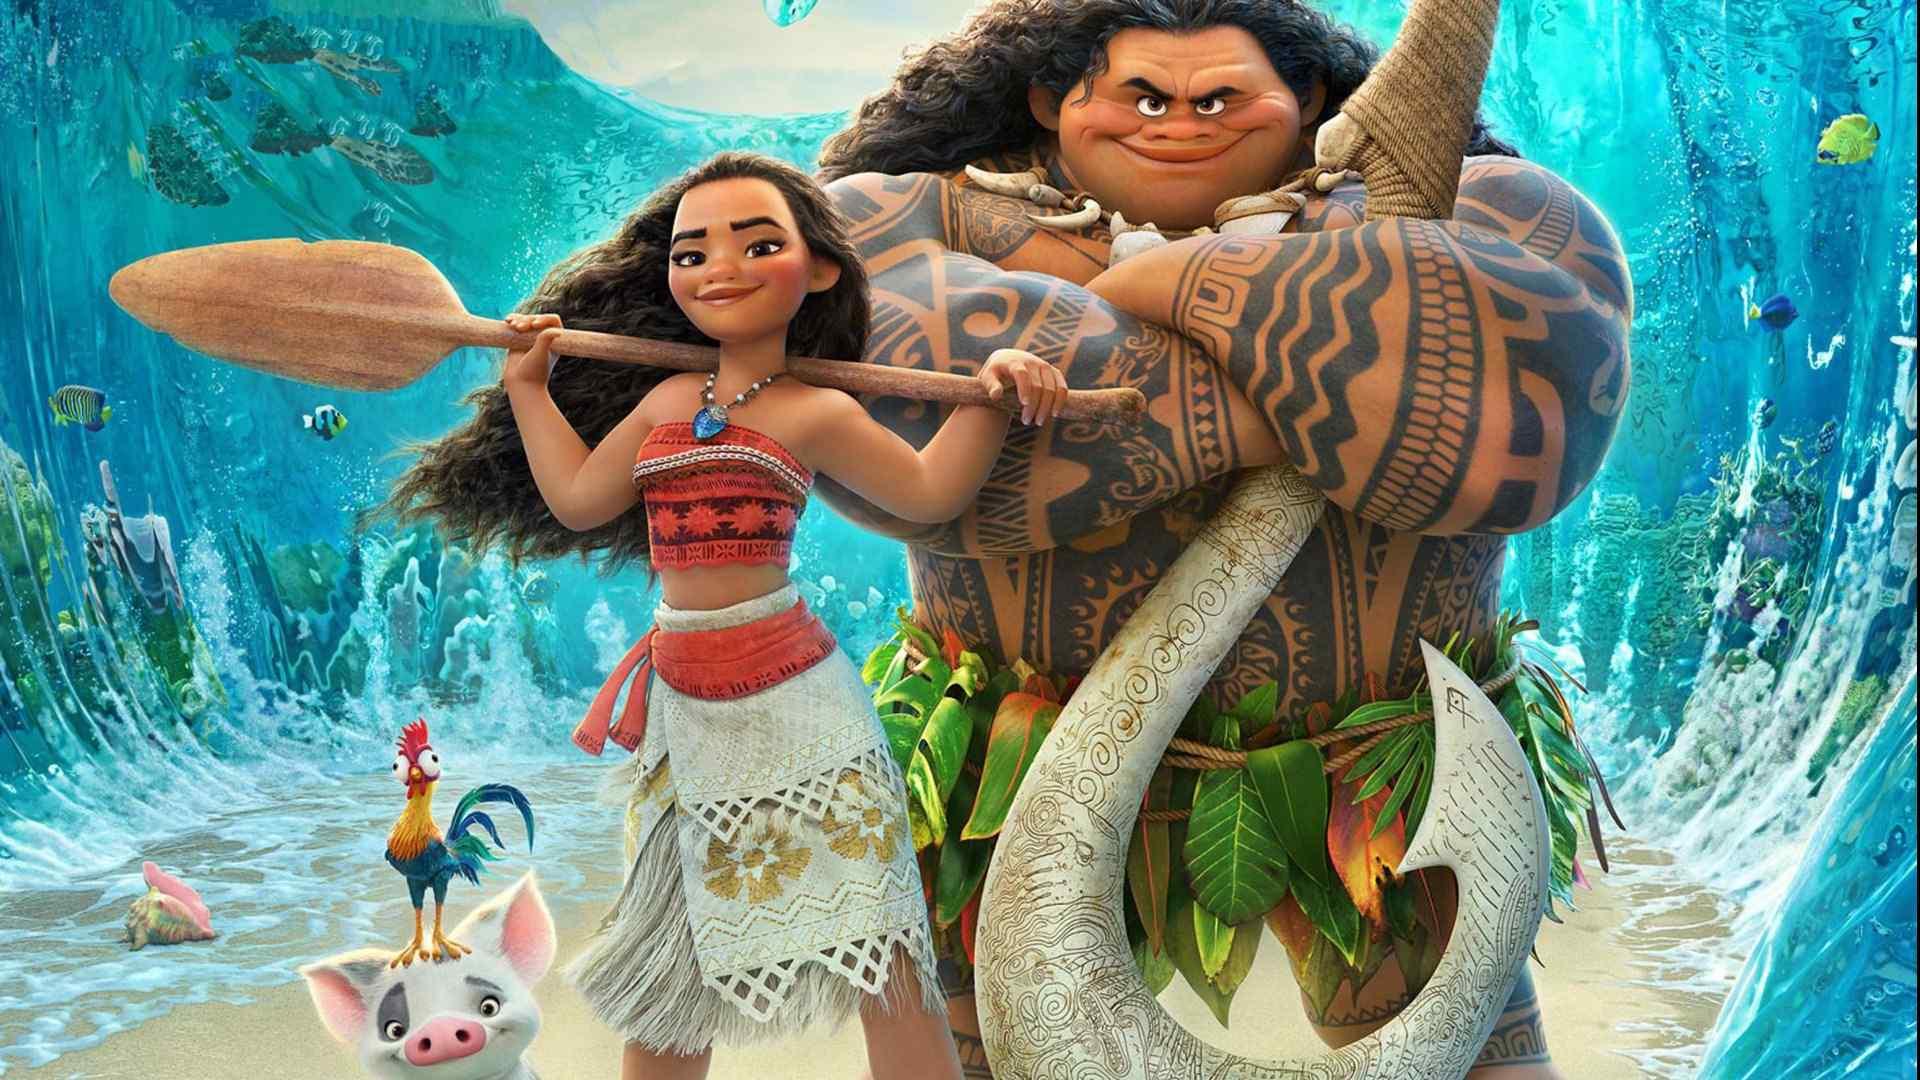 电影《海洋奇缘》动画高清桌面壁纸《海洋奇缘》(Moana)是一部由罗恩·克莱蒙兹和约翰·马斯克执导的迪士尼动画电影。该片讲述为了完成祖先未尽的冒险,一名少女远航出海遇见了曾拥有神力的半神Maui,两人结伴而行,踏上航海征途的故事。该片于2016年11月23日在北美上映,同年11月25日在中国上映。桌面天下为你推荐最新、最好看的壁纸,欢迎你的关注。